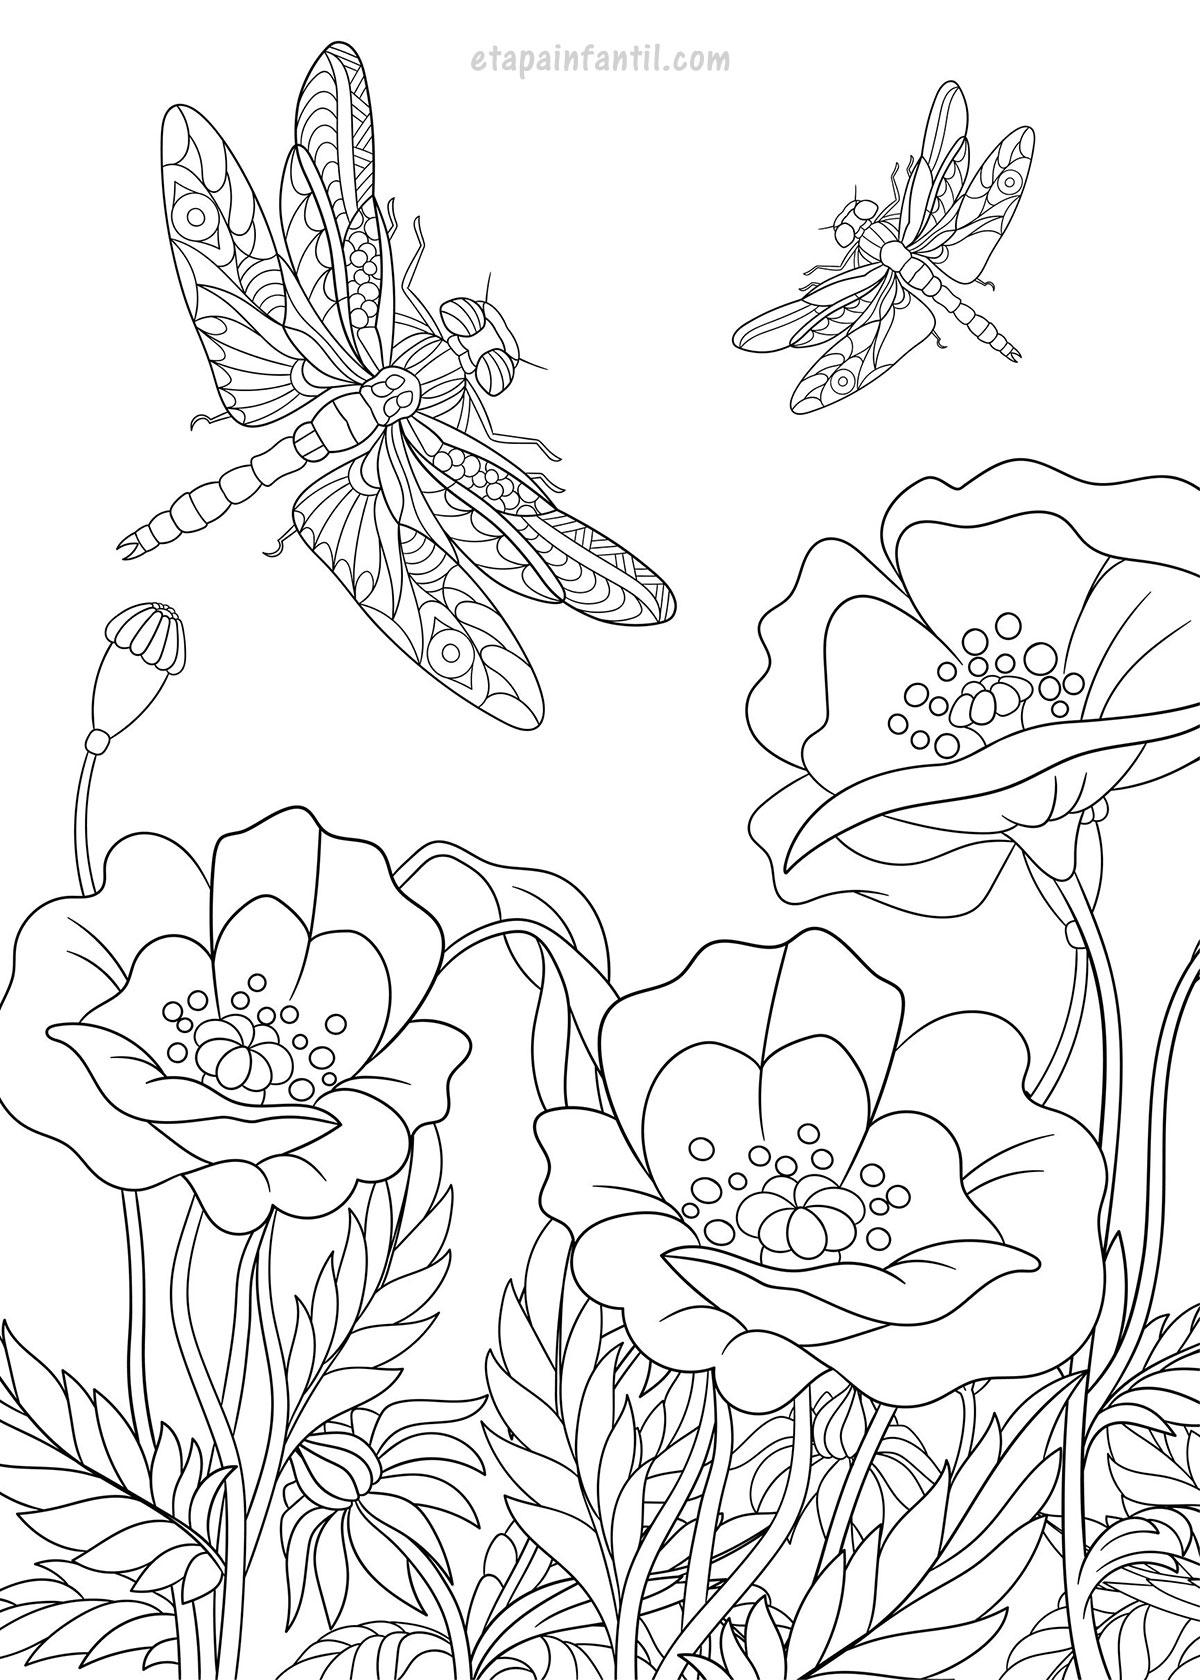 Flores de primavera para colorear: Disfrutar de la primavera sin salir de  casa - Etapa Infantil